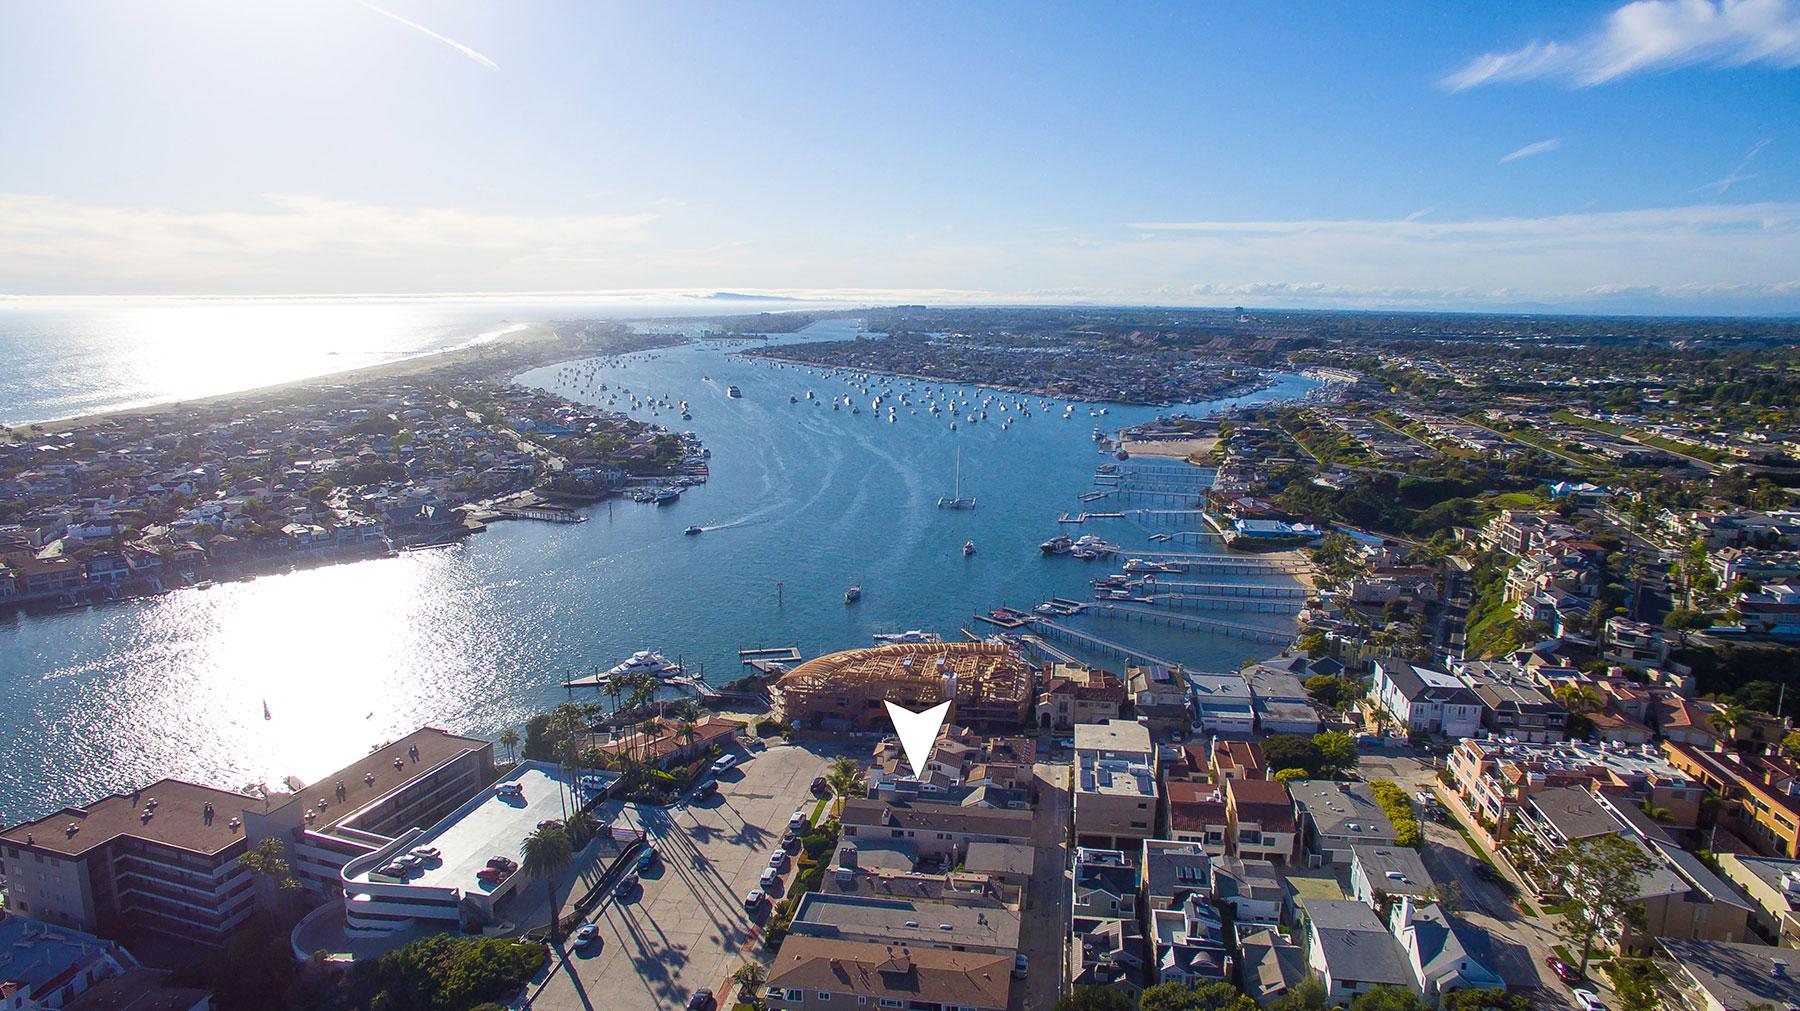 Частный односемейный дом для того Продажа на 2508 Ocean Corona Del Mar, Калифорния, 92625 Соединенные Штаты